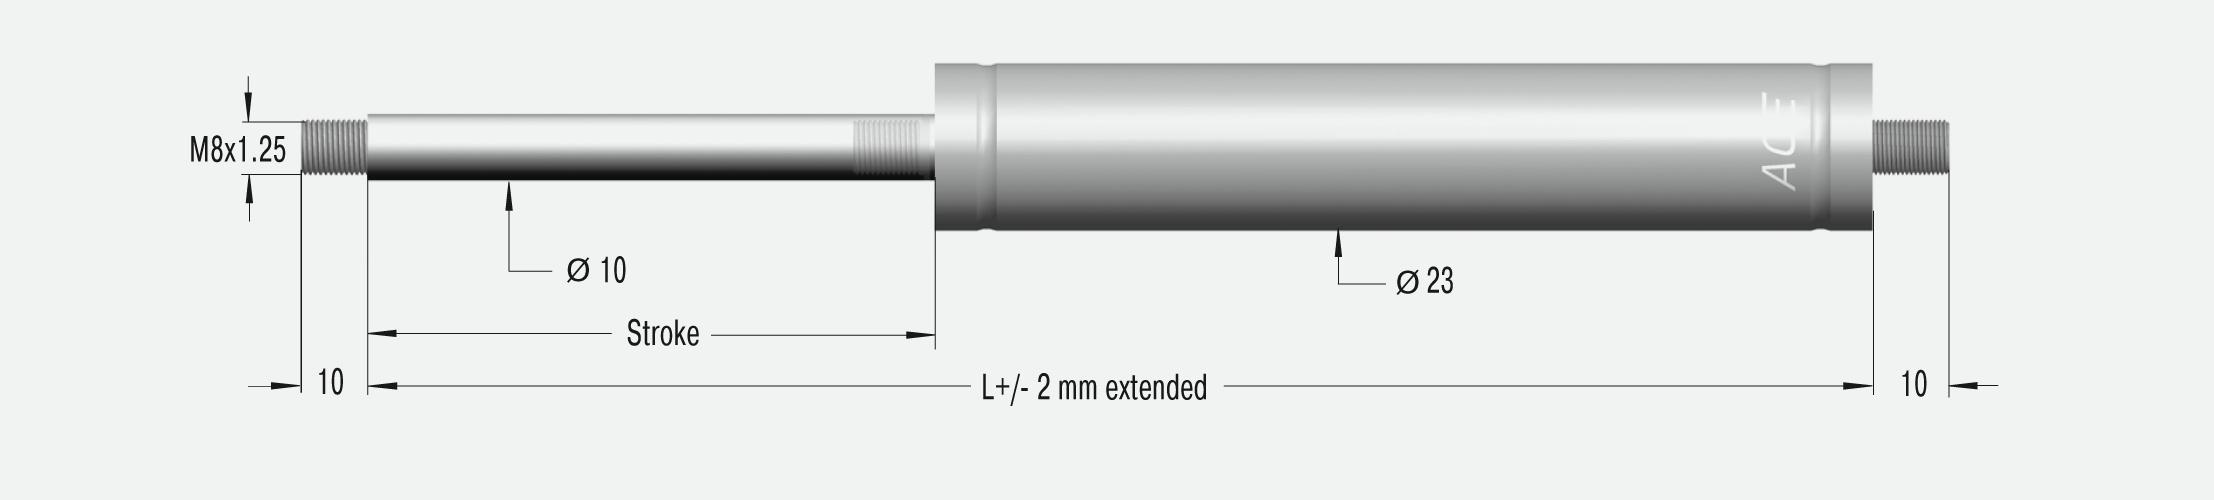 GS-22-600-V4A